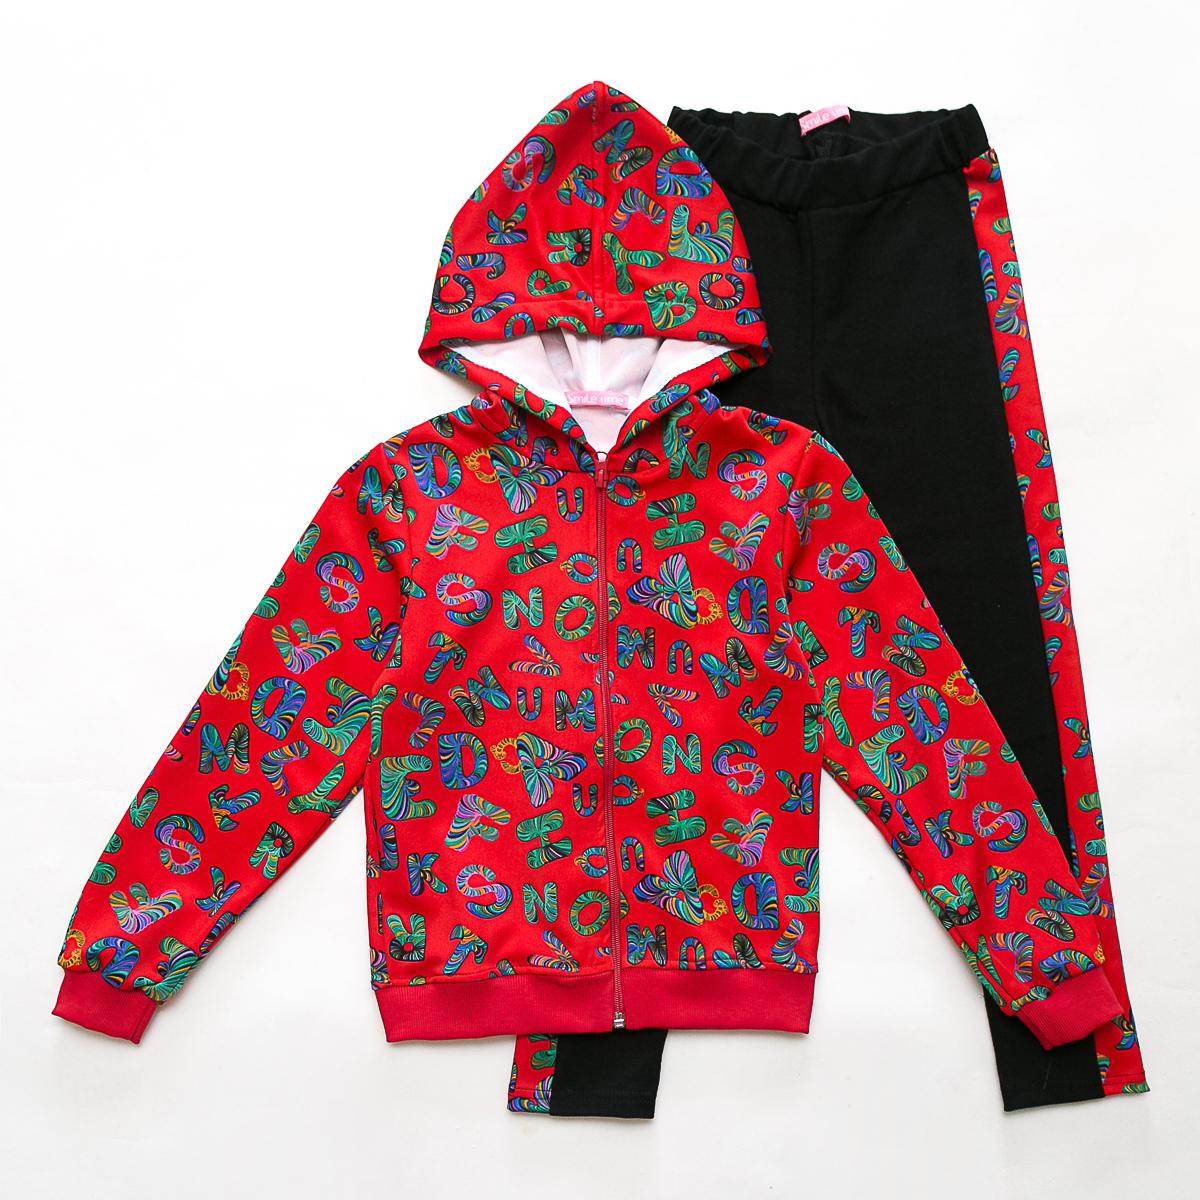 Костюм спортивный детский для девочки, Cool Letters, красный с черным, SmileTime